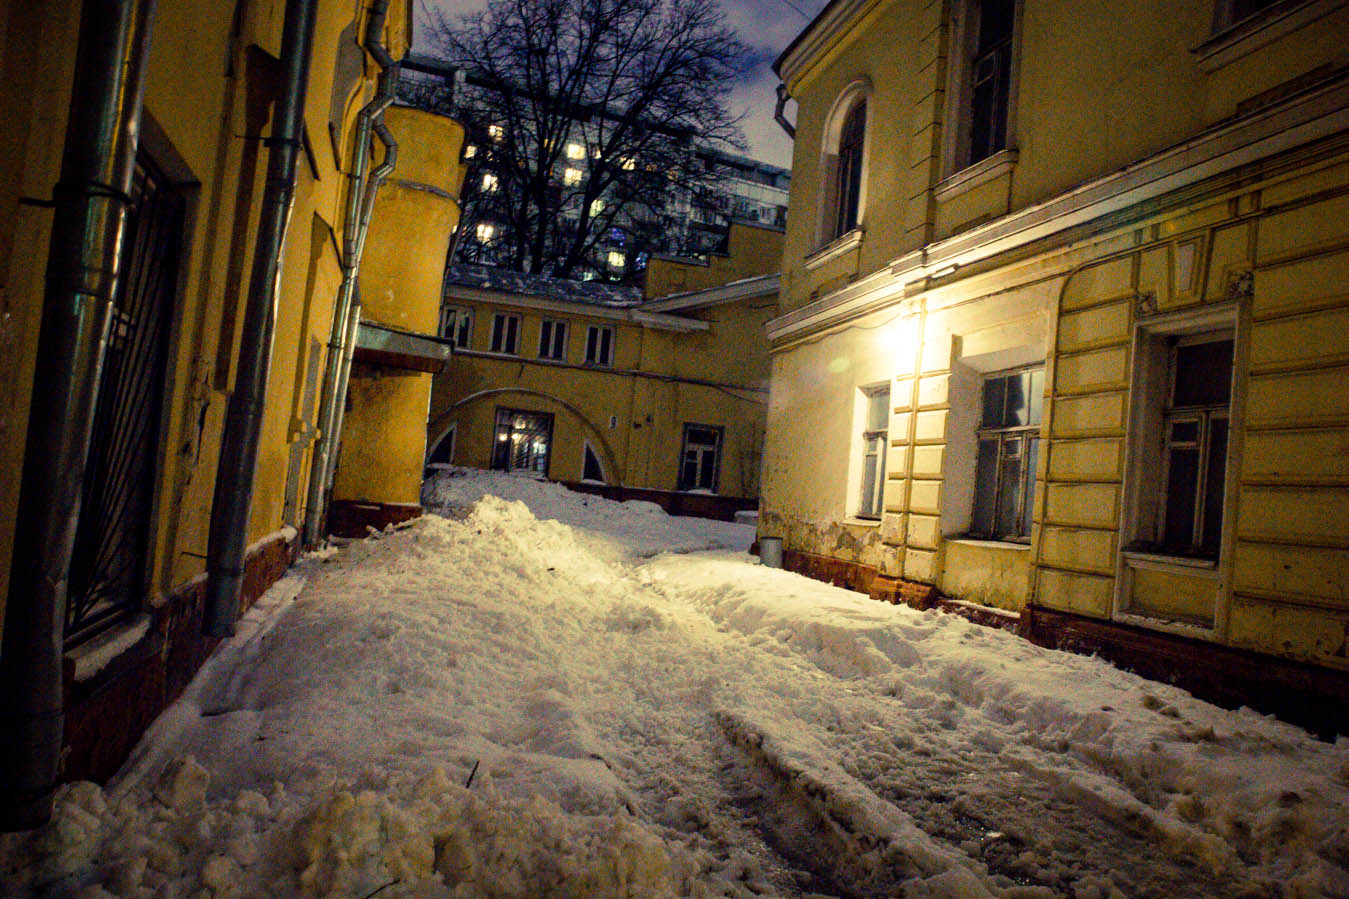 времена, старые московские дворики фото только одним